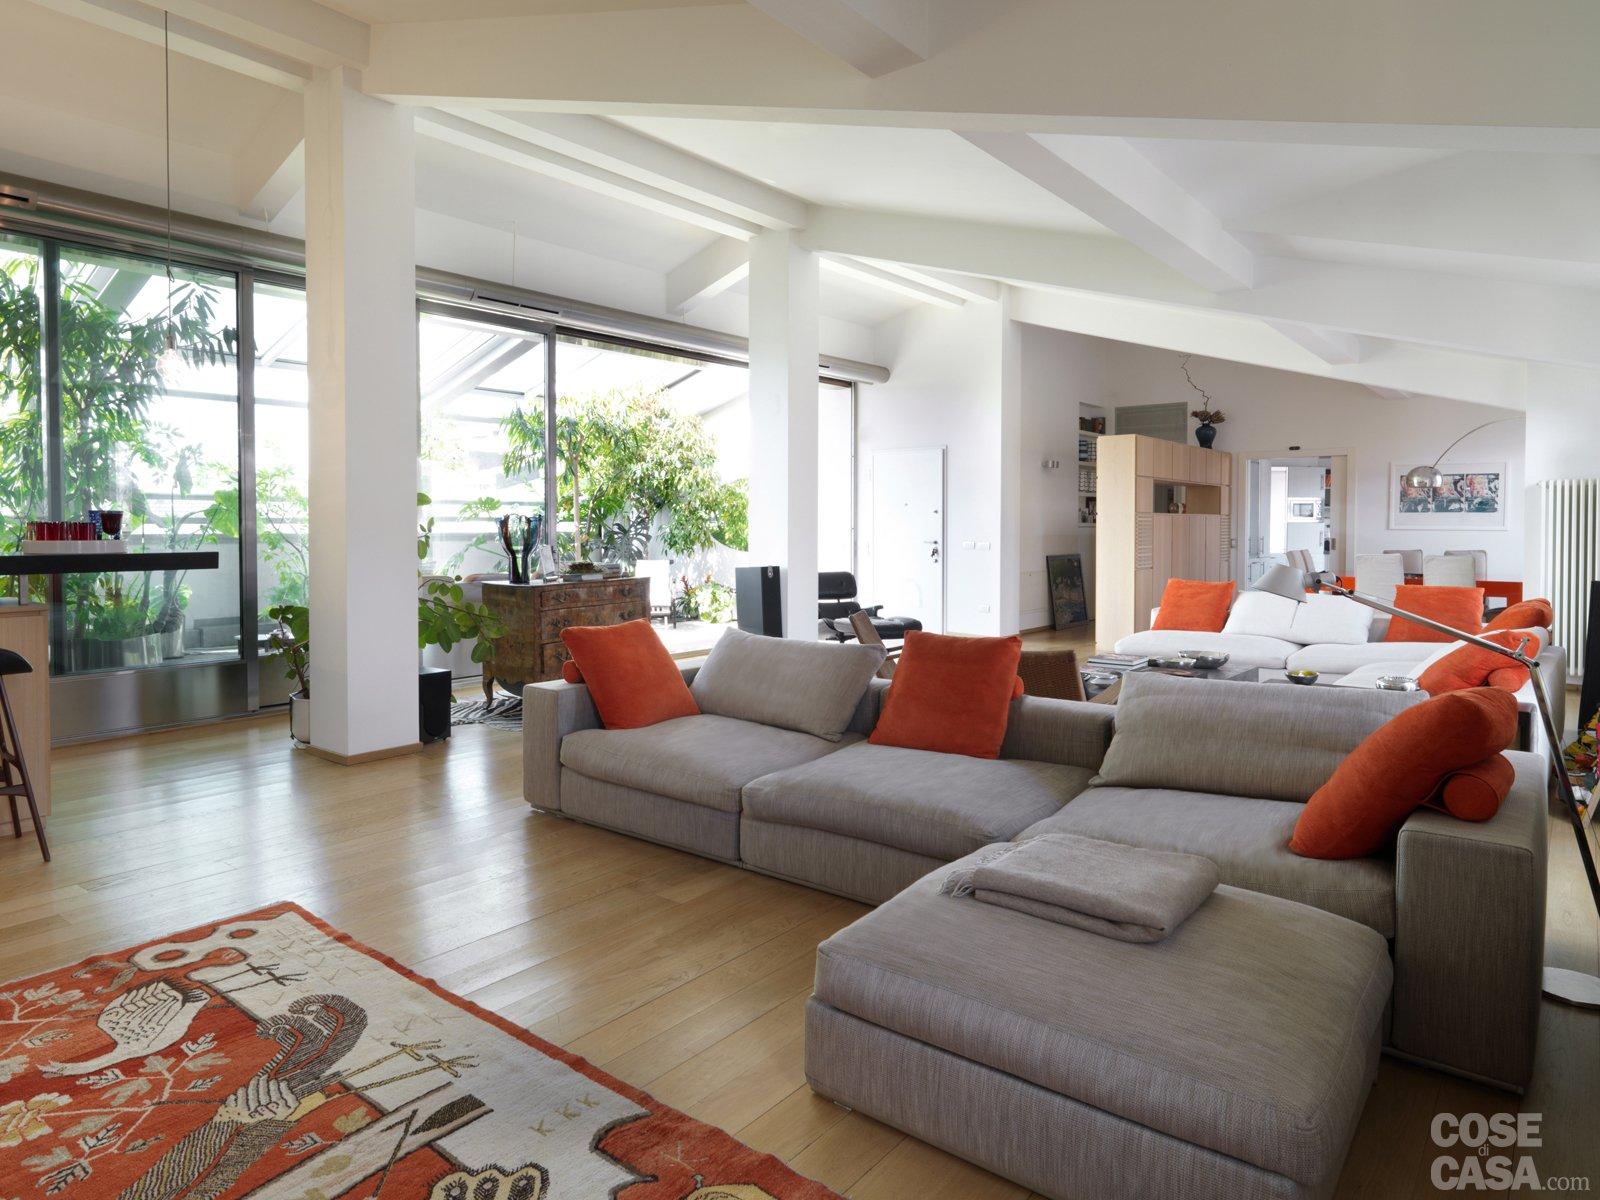 Protagonisti travi e pilastri cose di casa for Cucina open space con pilastri